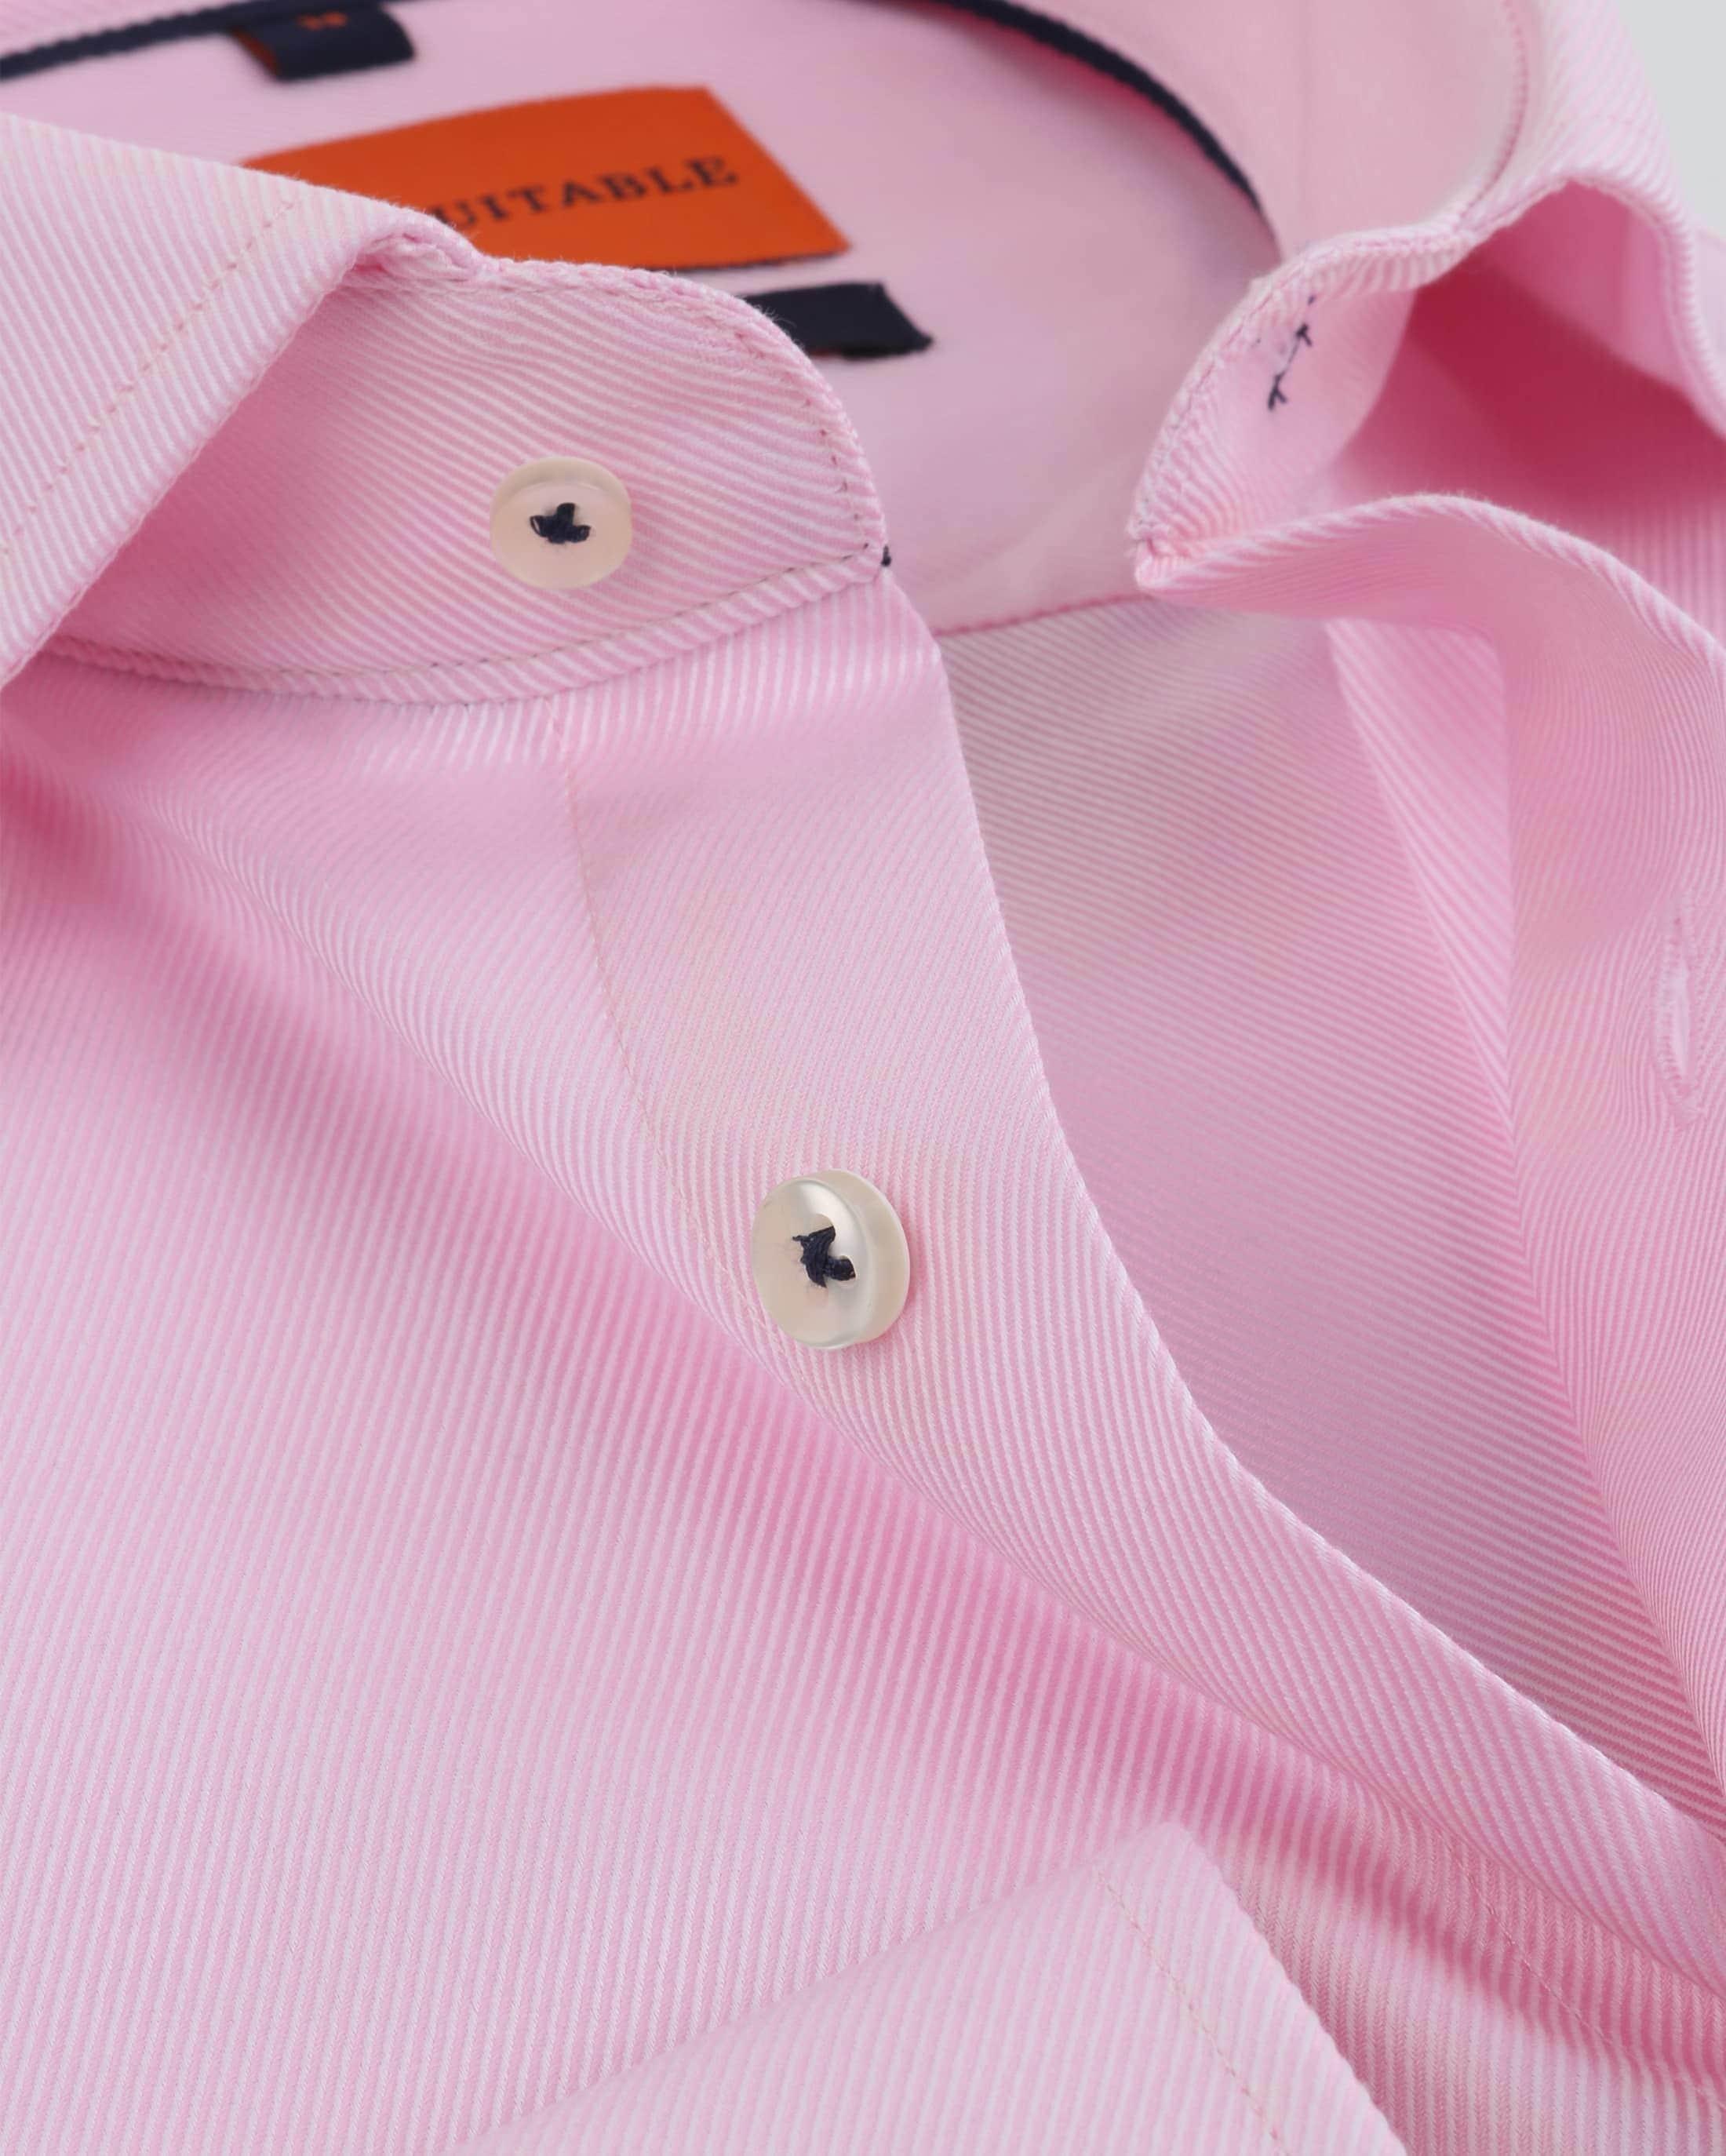 Rosa Geschäfts Hemd foto 1